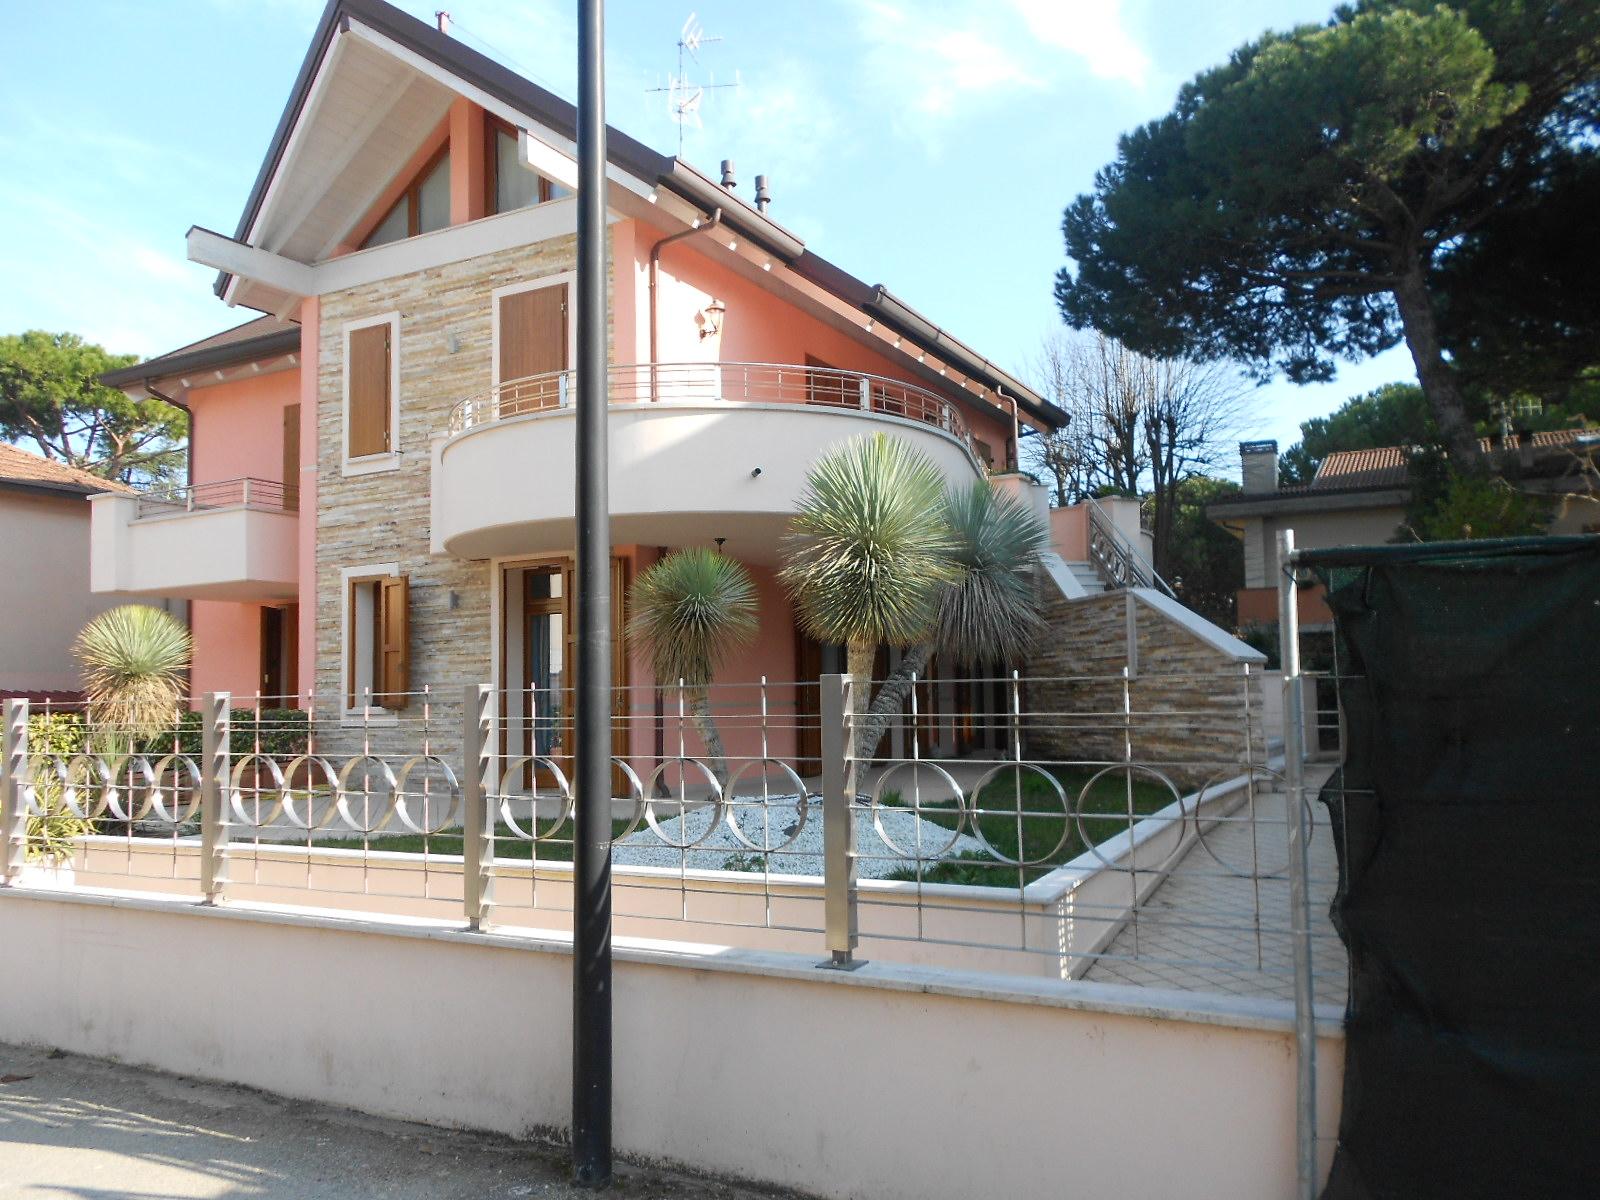 Affitto villa milano marittima agenzia immobiliare for Appartamenti arredati in affitto milano